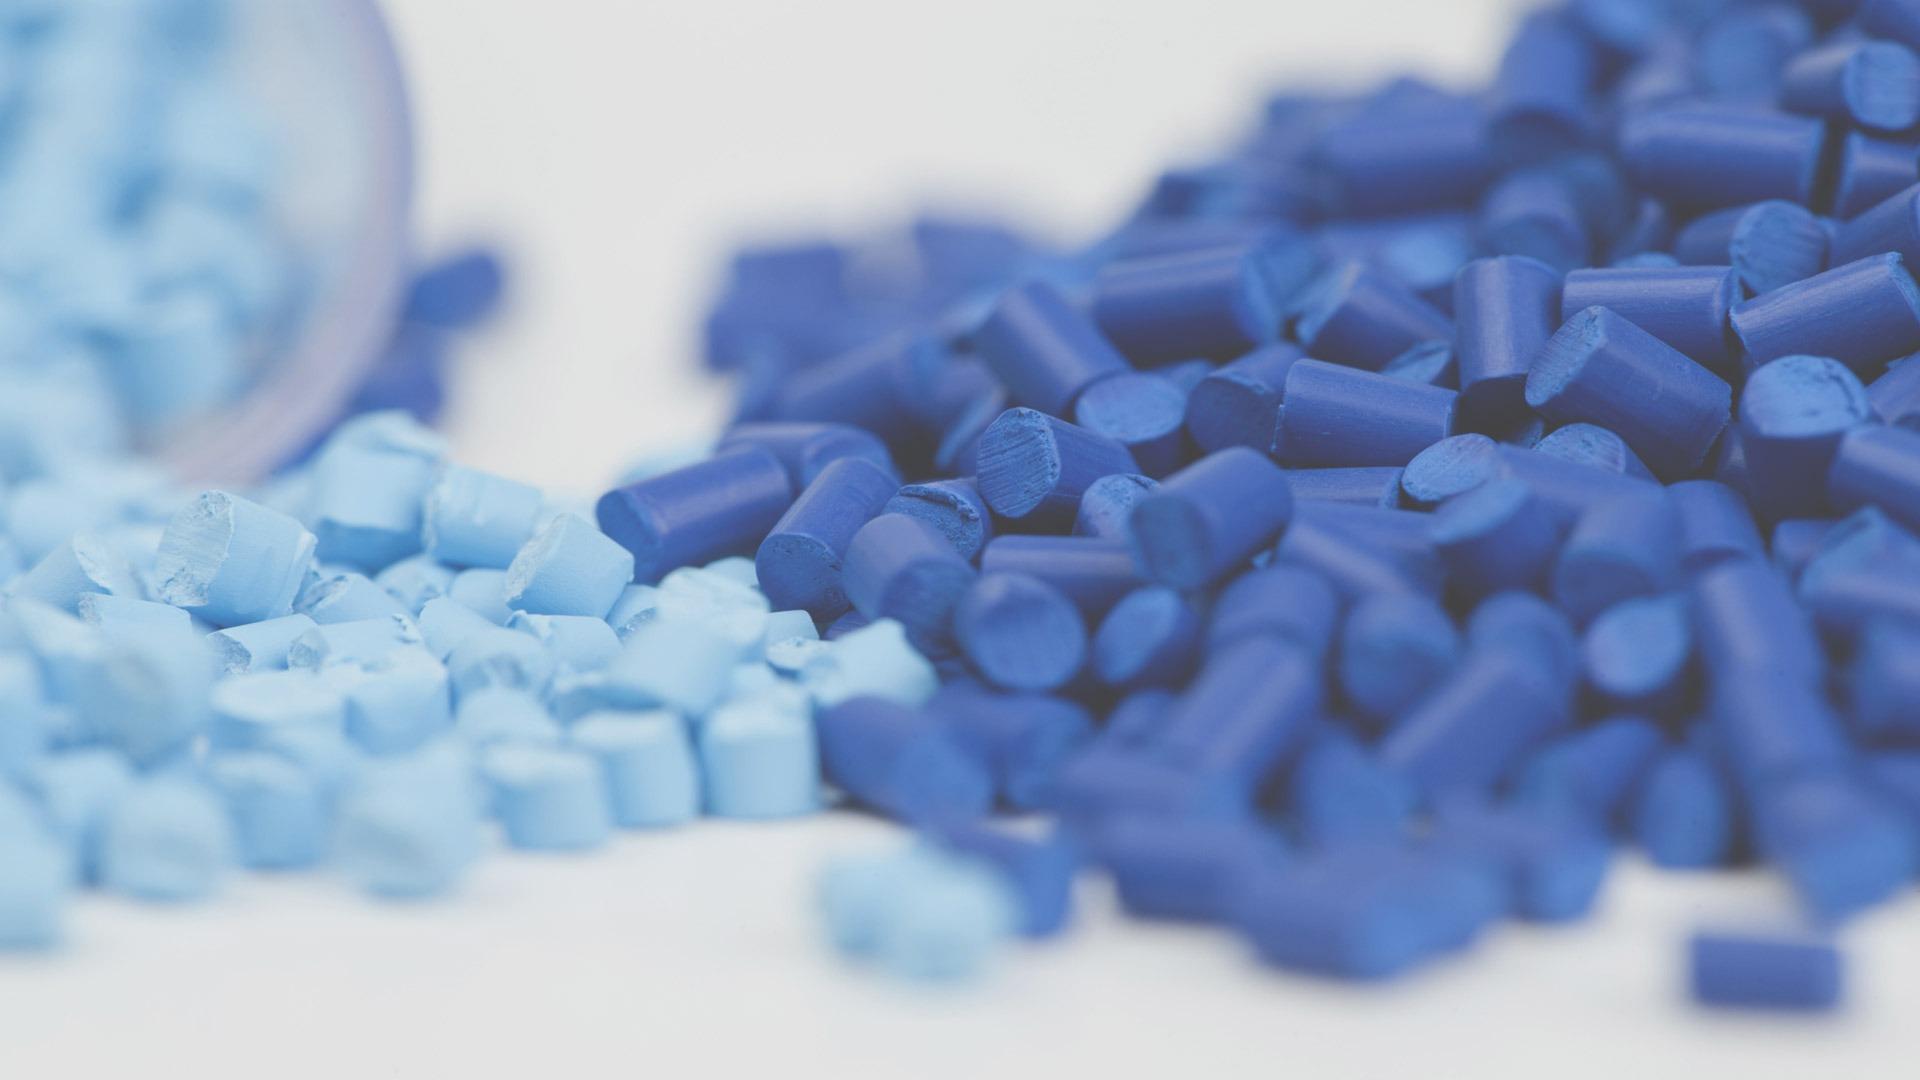 Vari granuli di plastica azzurra e blu